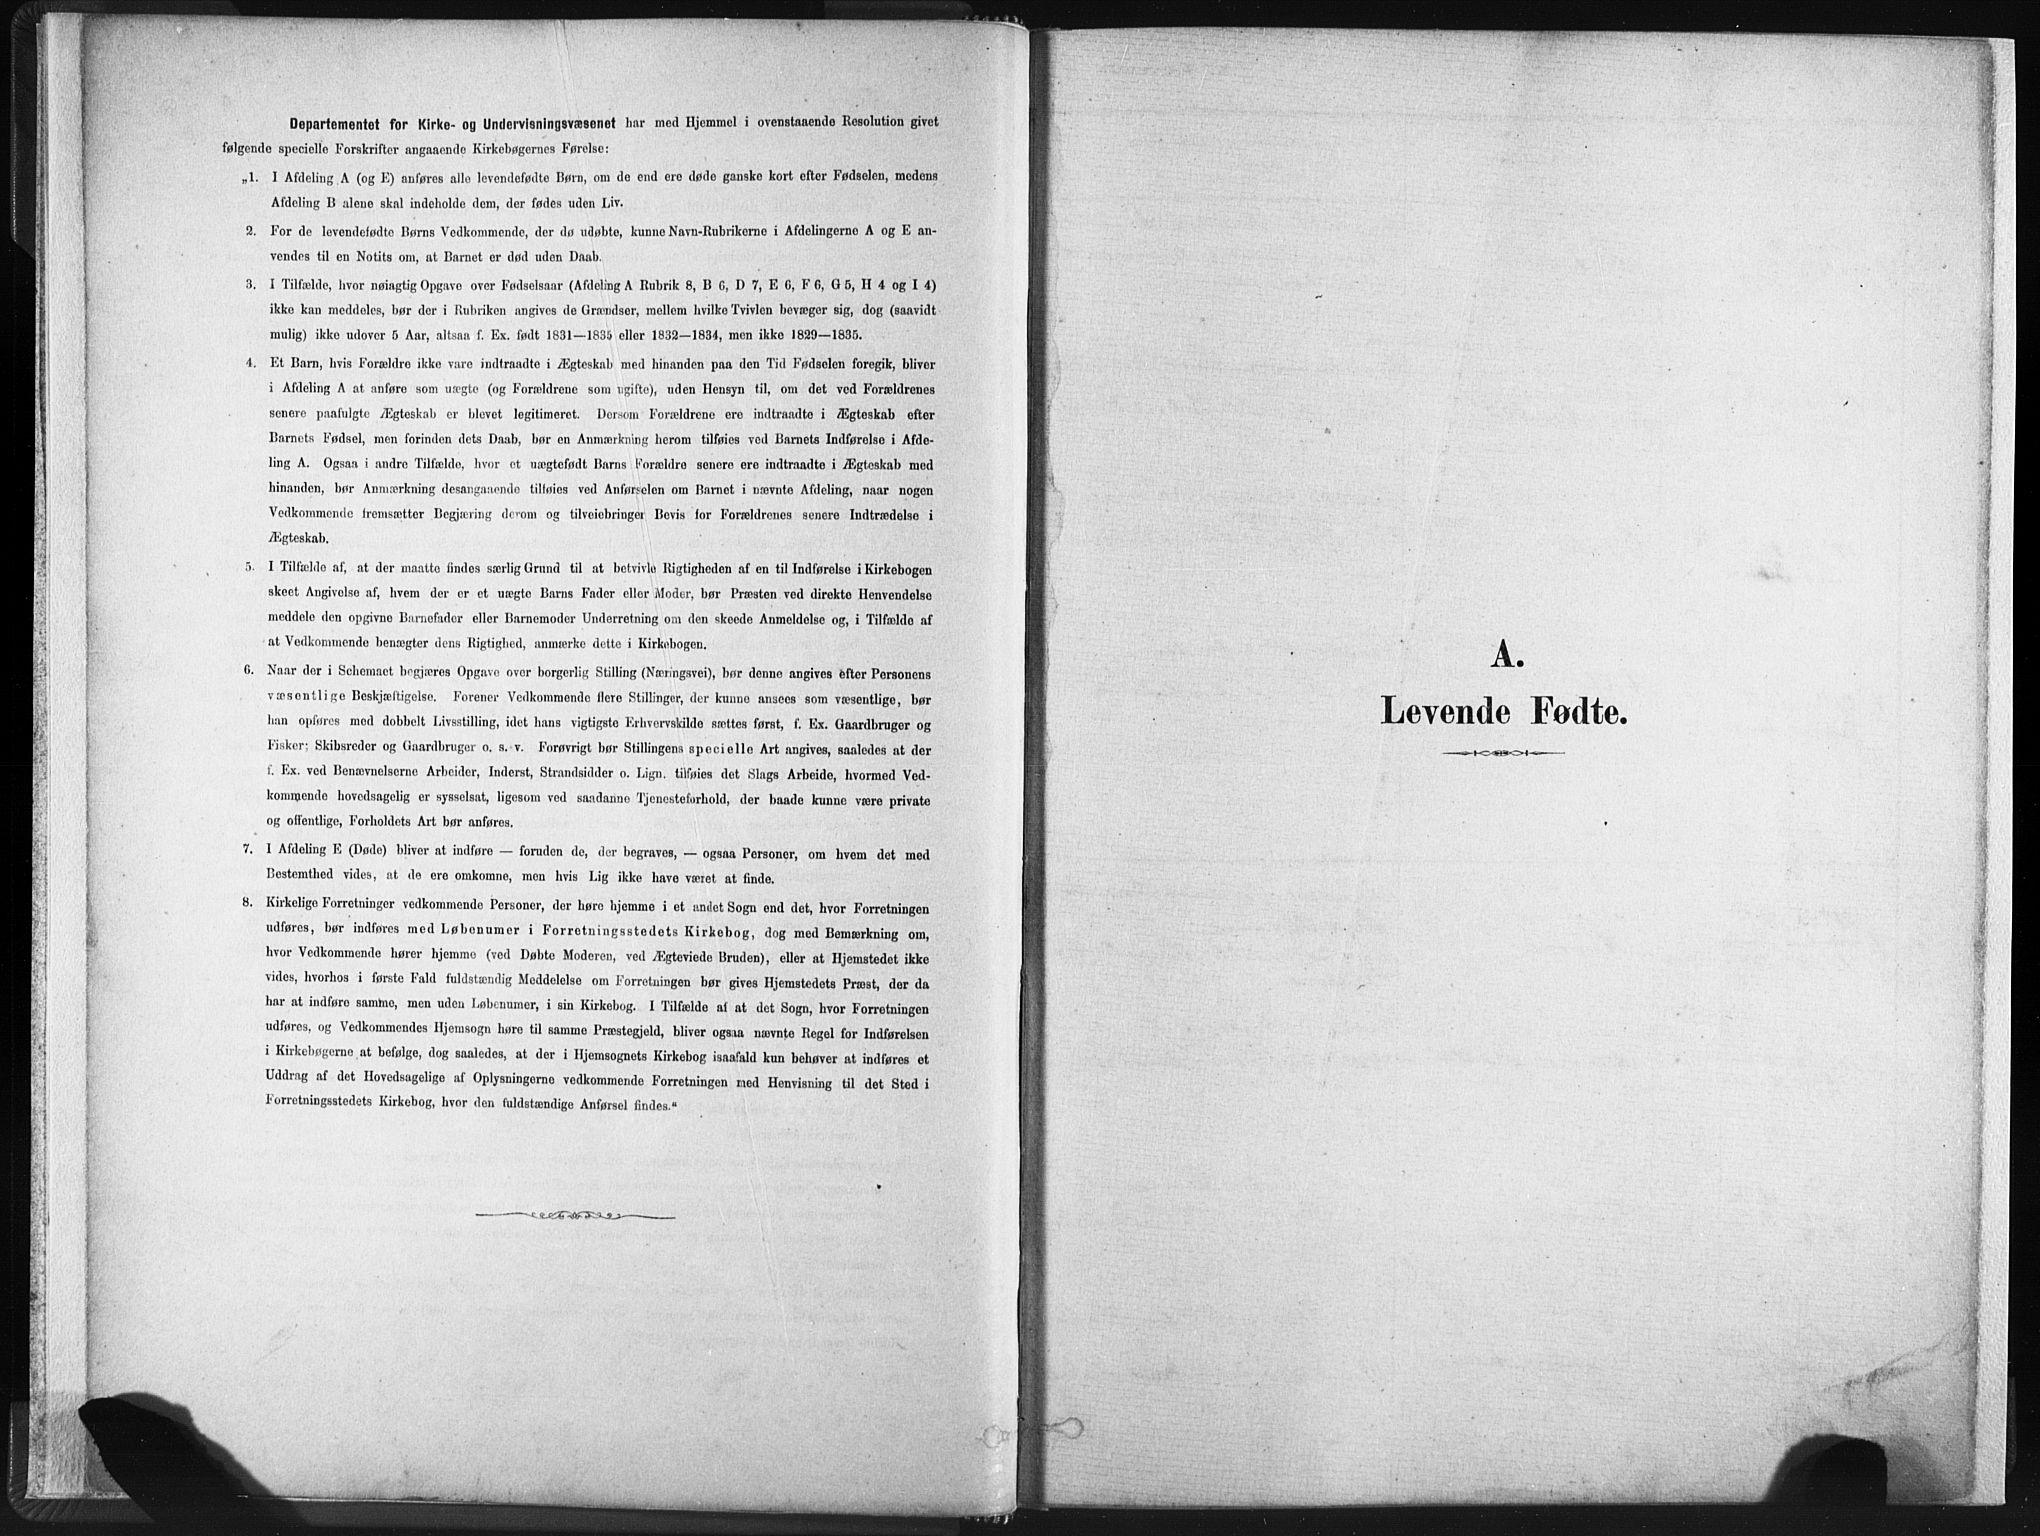 SAT, Ministerialprotokoller, klokkerbøker og fødselsregistre - Sør-Trøndelag, 665/L0773: Ministerialbok nr. 665A08, 1879-1905